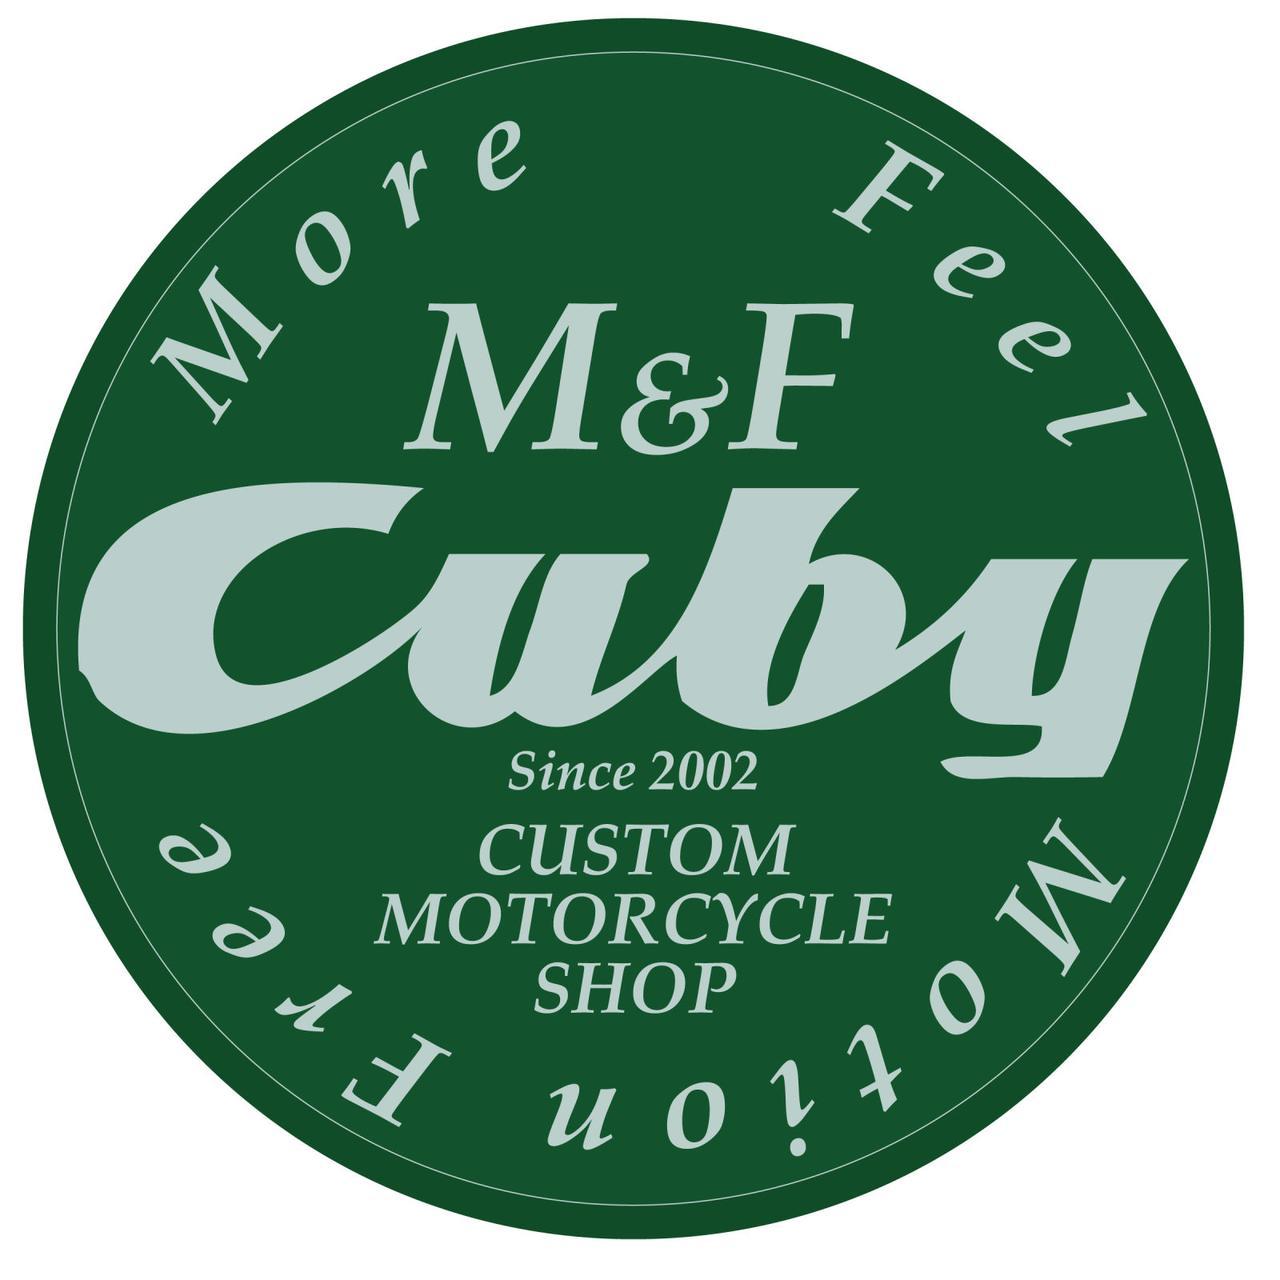 画像: 【Cuby(カビィ)】 販売中の新車・中古バイクの一覧を見る|【ウェビック バイク選び】